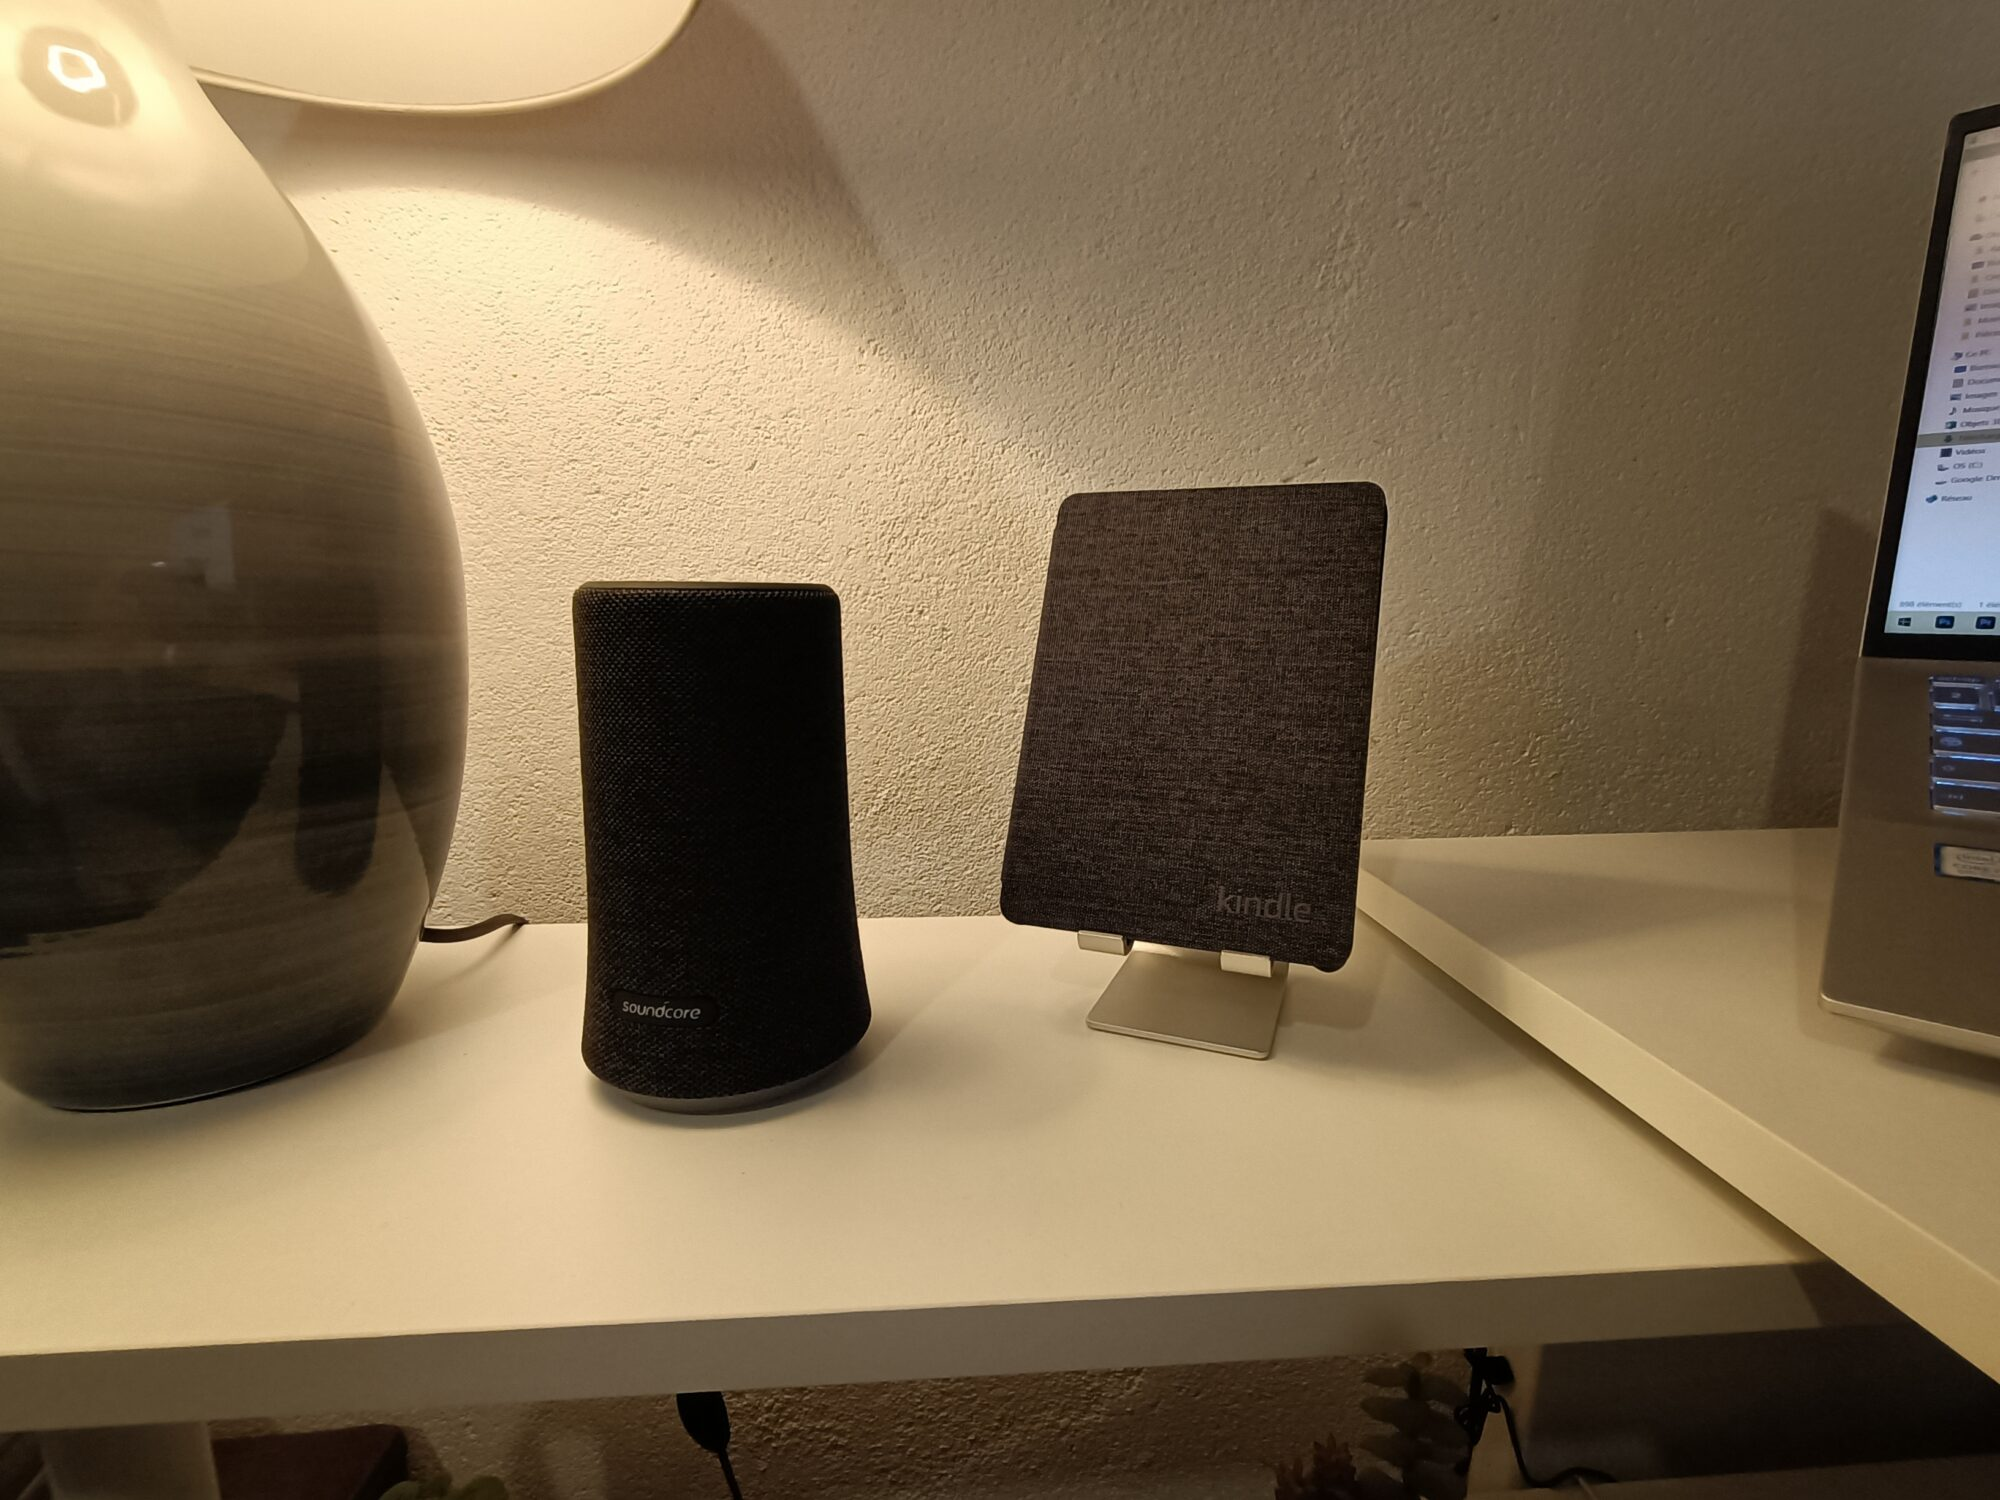 Oppo Reno 4z, TEST – Oppo Reno 4z : Un smartphone abordable aux bonnes concessions !